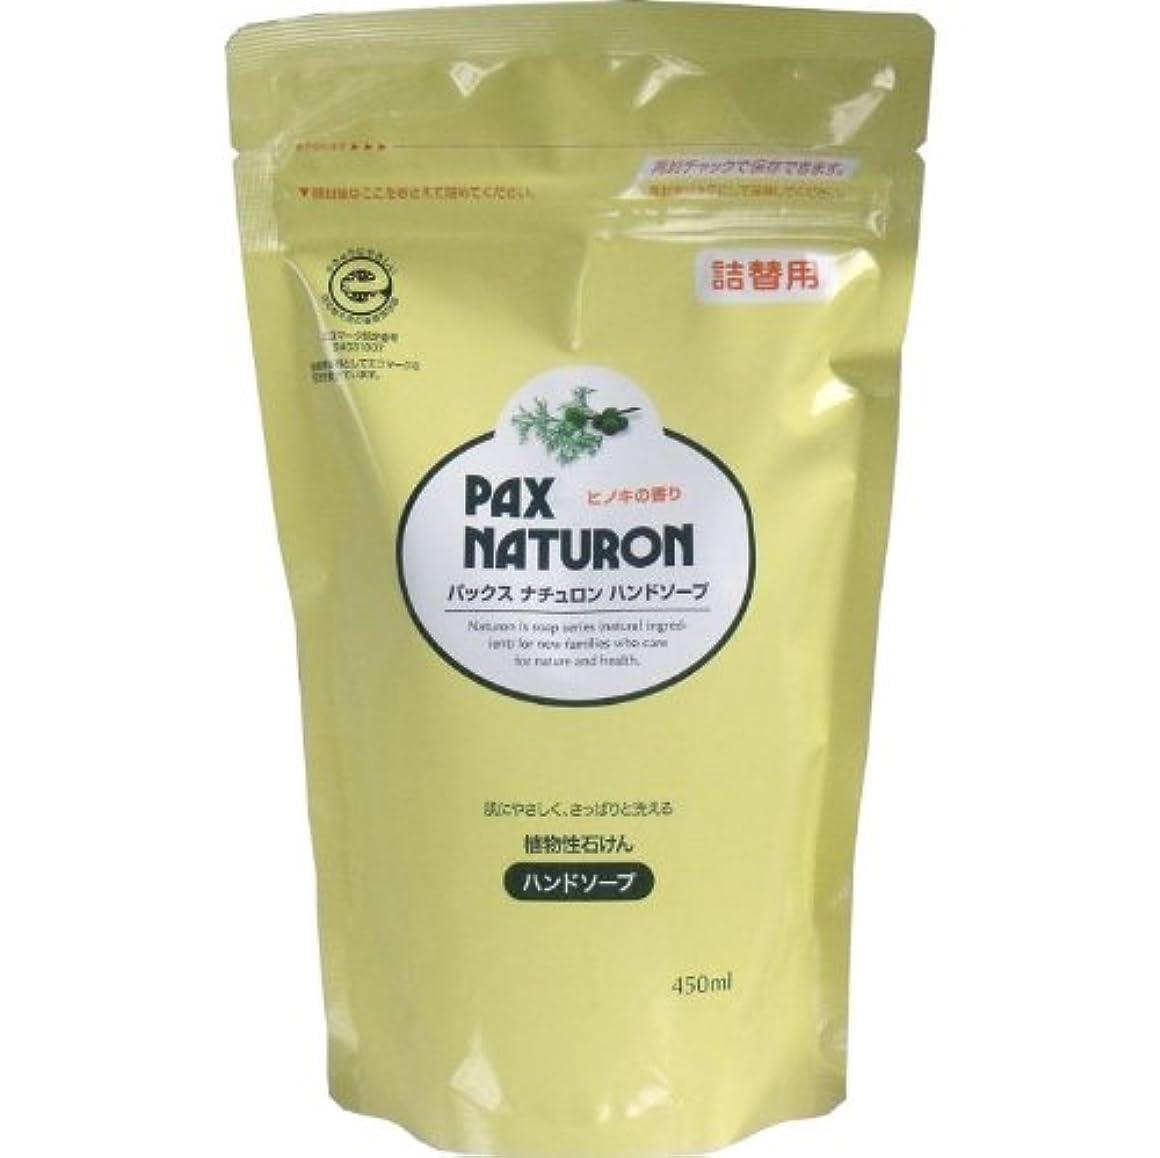 独創的集計リード肌にやさしく、さっぱりと洗える植物性石けん!植物性ハンドソープ 詰替用 450mL【5個セット】